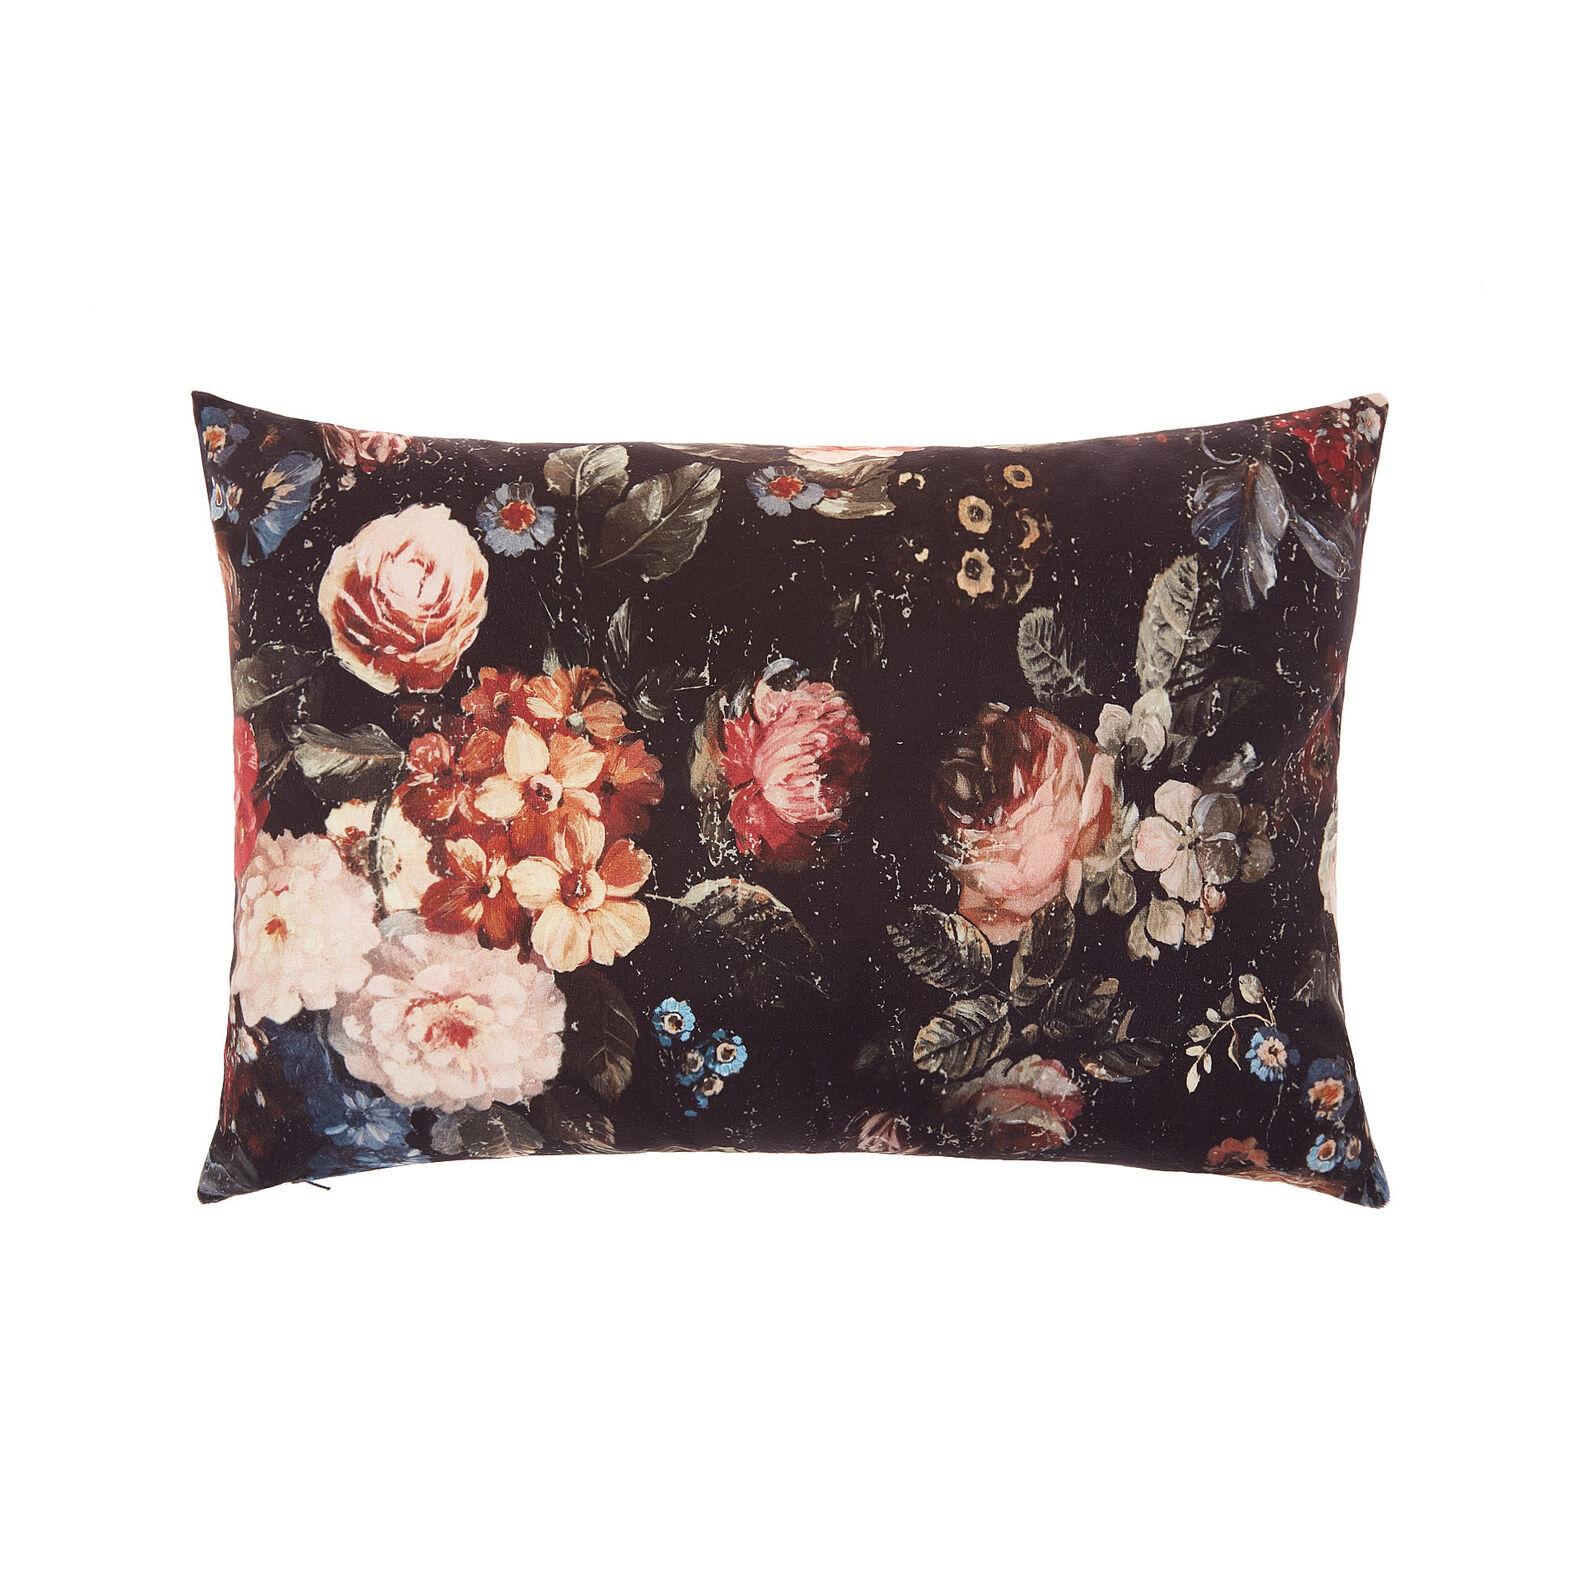 Cuscino stampa fiori 35x55cm